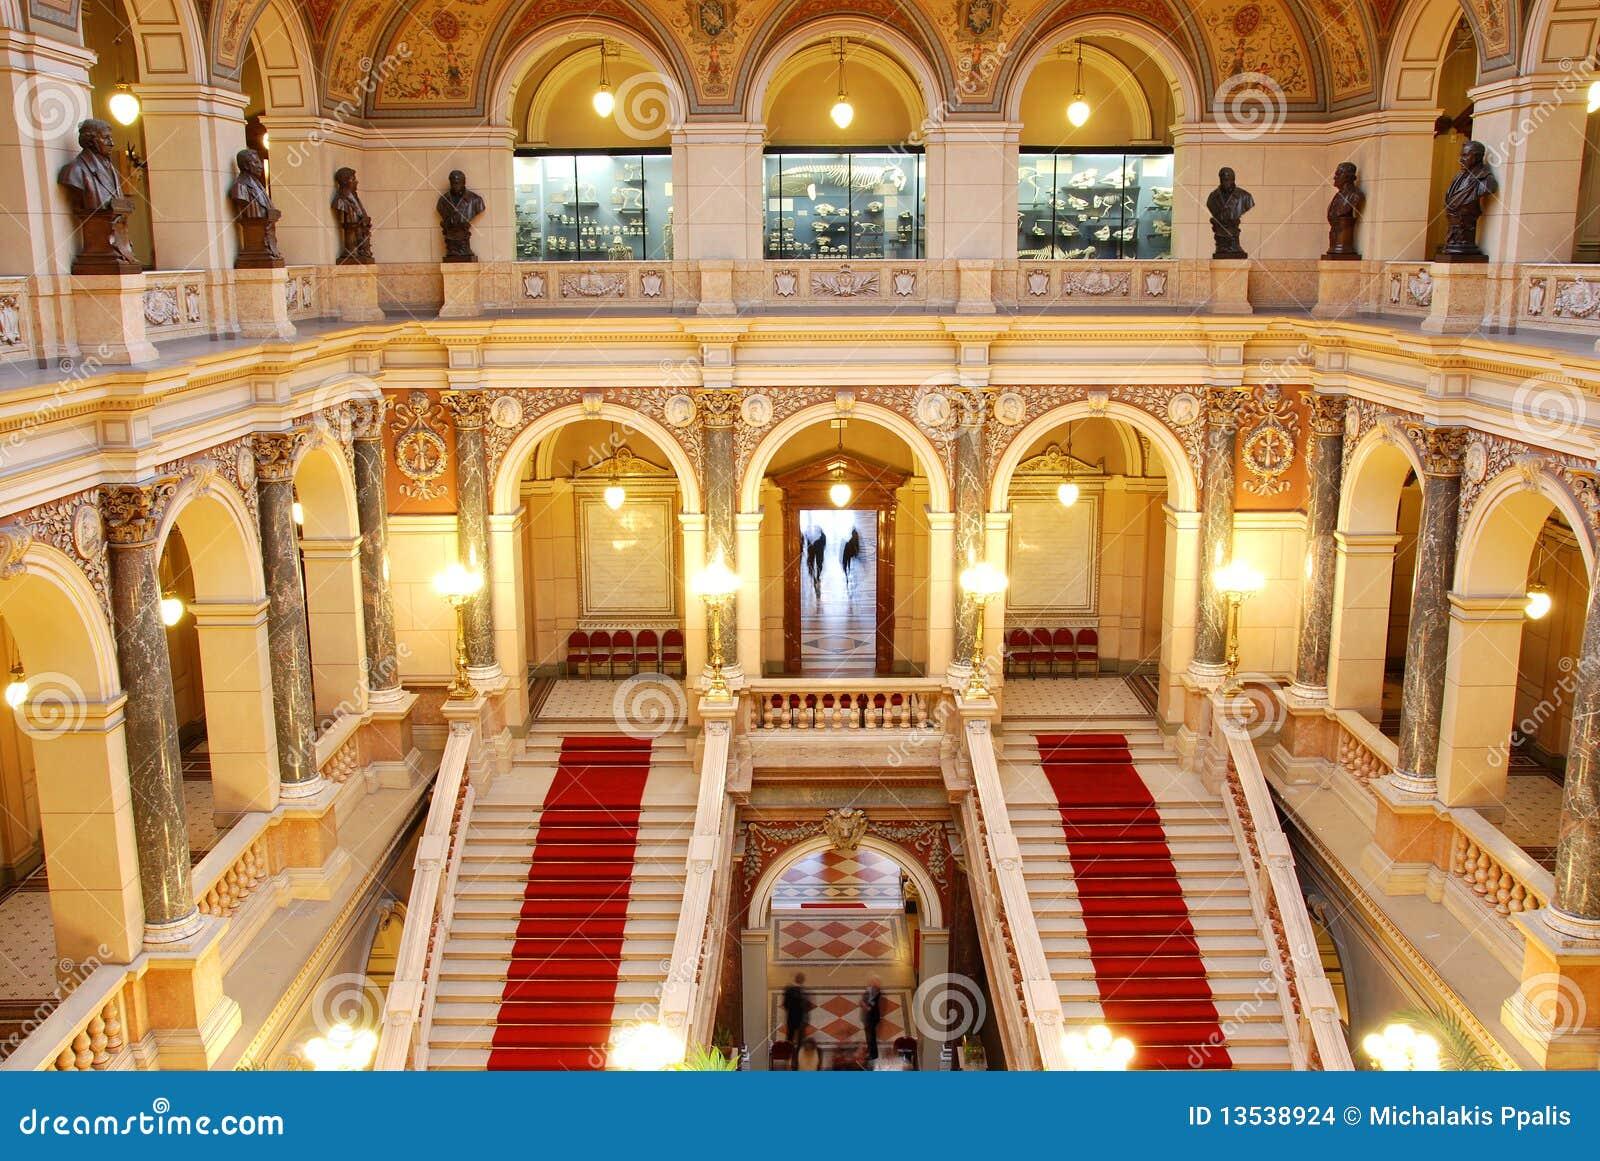 Zaal van het tsjechische nationale museum in praag stock foto afbeelding 13538924 - Versiering van de zaal van het tienermeisje van ...